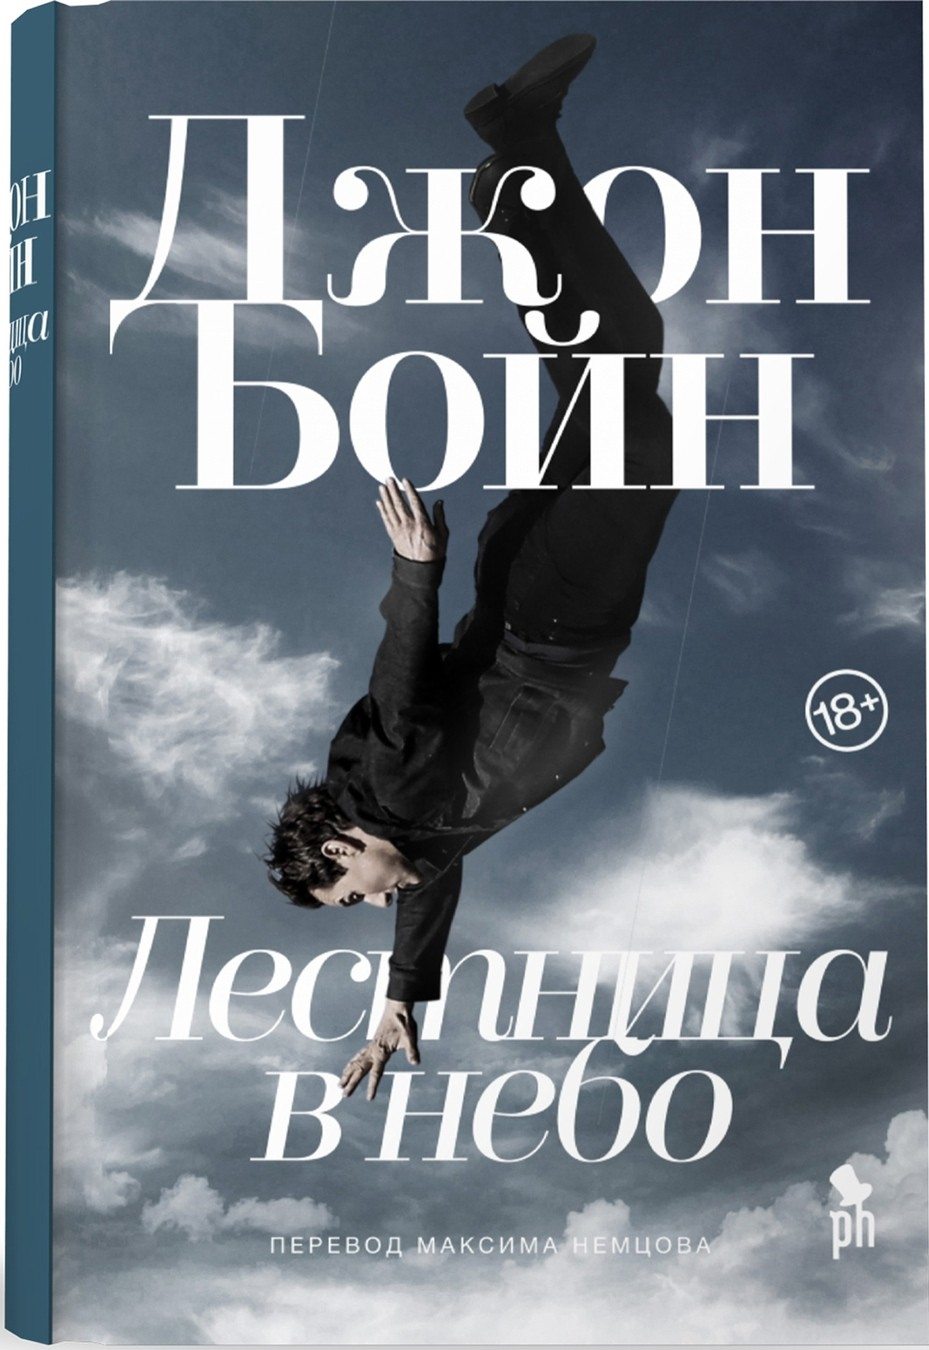 Лестница в небо — Джон Бойн